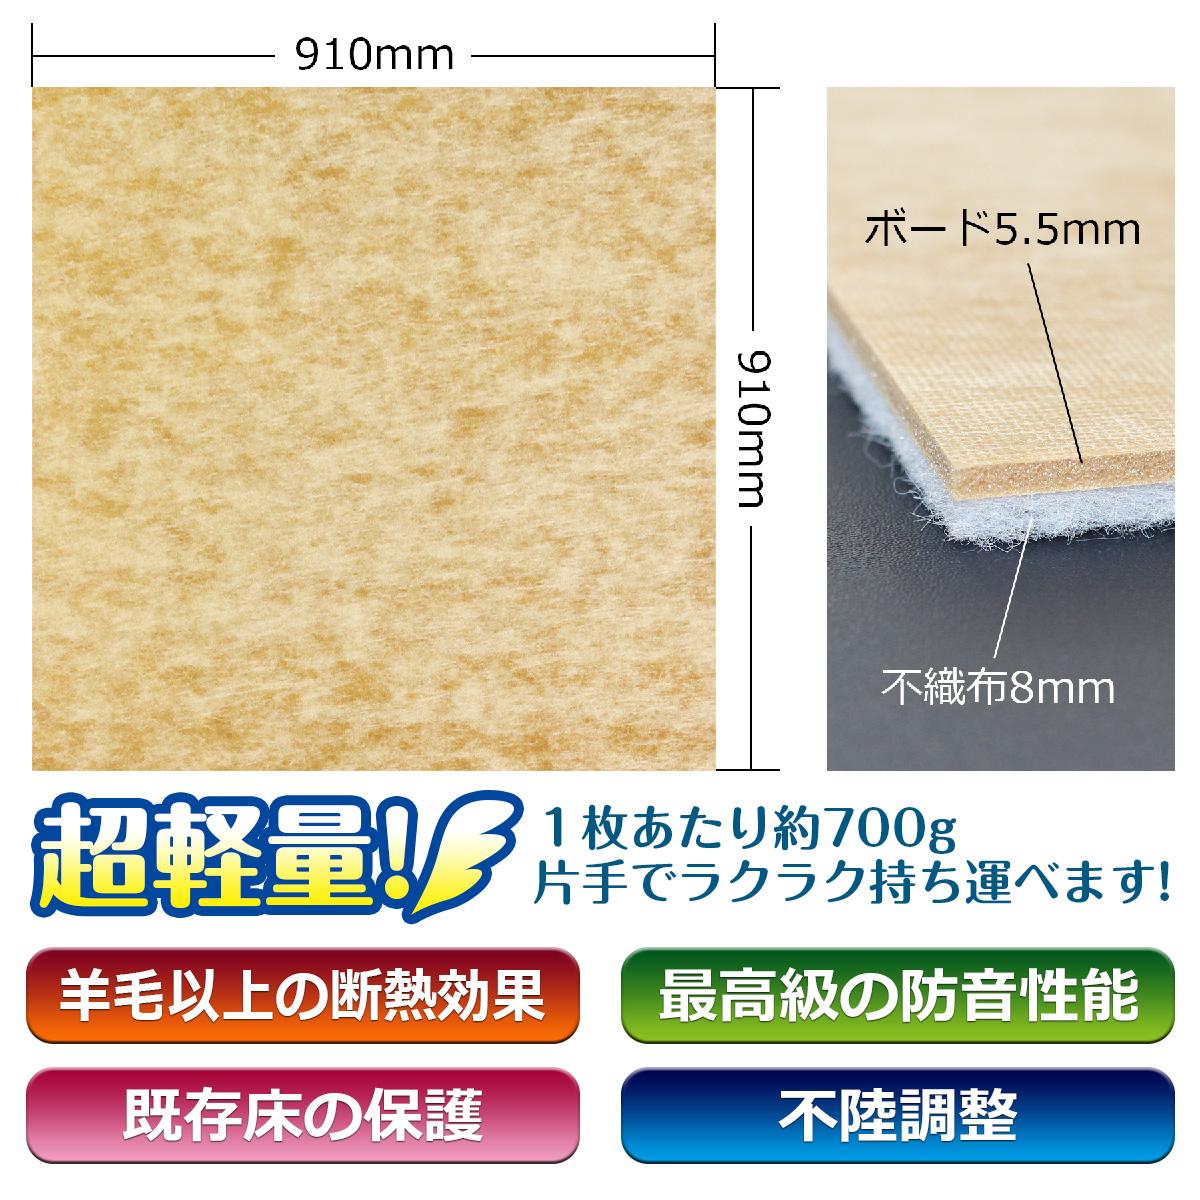 超軽量!1枚当たり約700グラム 片手でラクラク持ち運べます 羊毛以上の断熱効果 最高級の防音性能 既存床の保護 不陸調整 サイズ910ミリ×910ミリ ボード5.5ミリ厚 不織布8ミリ厚